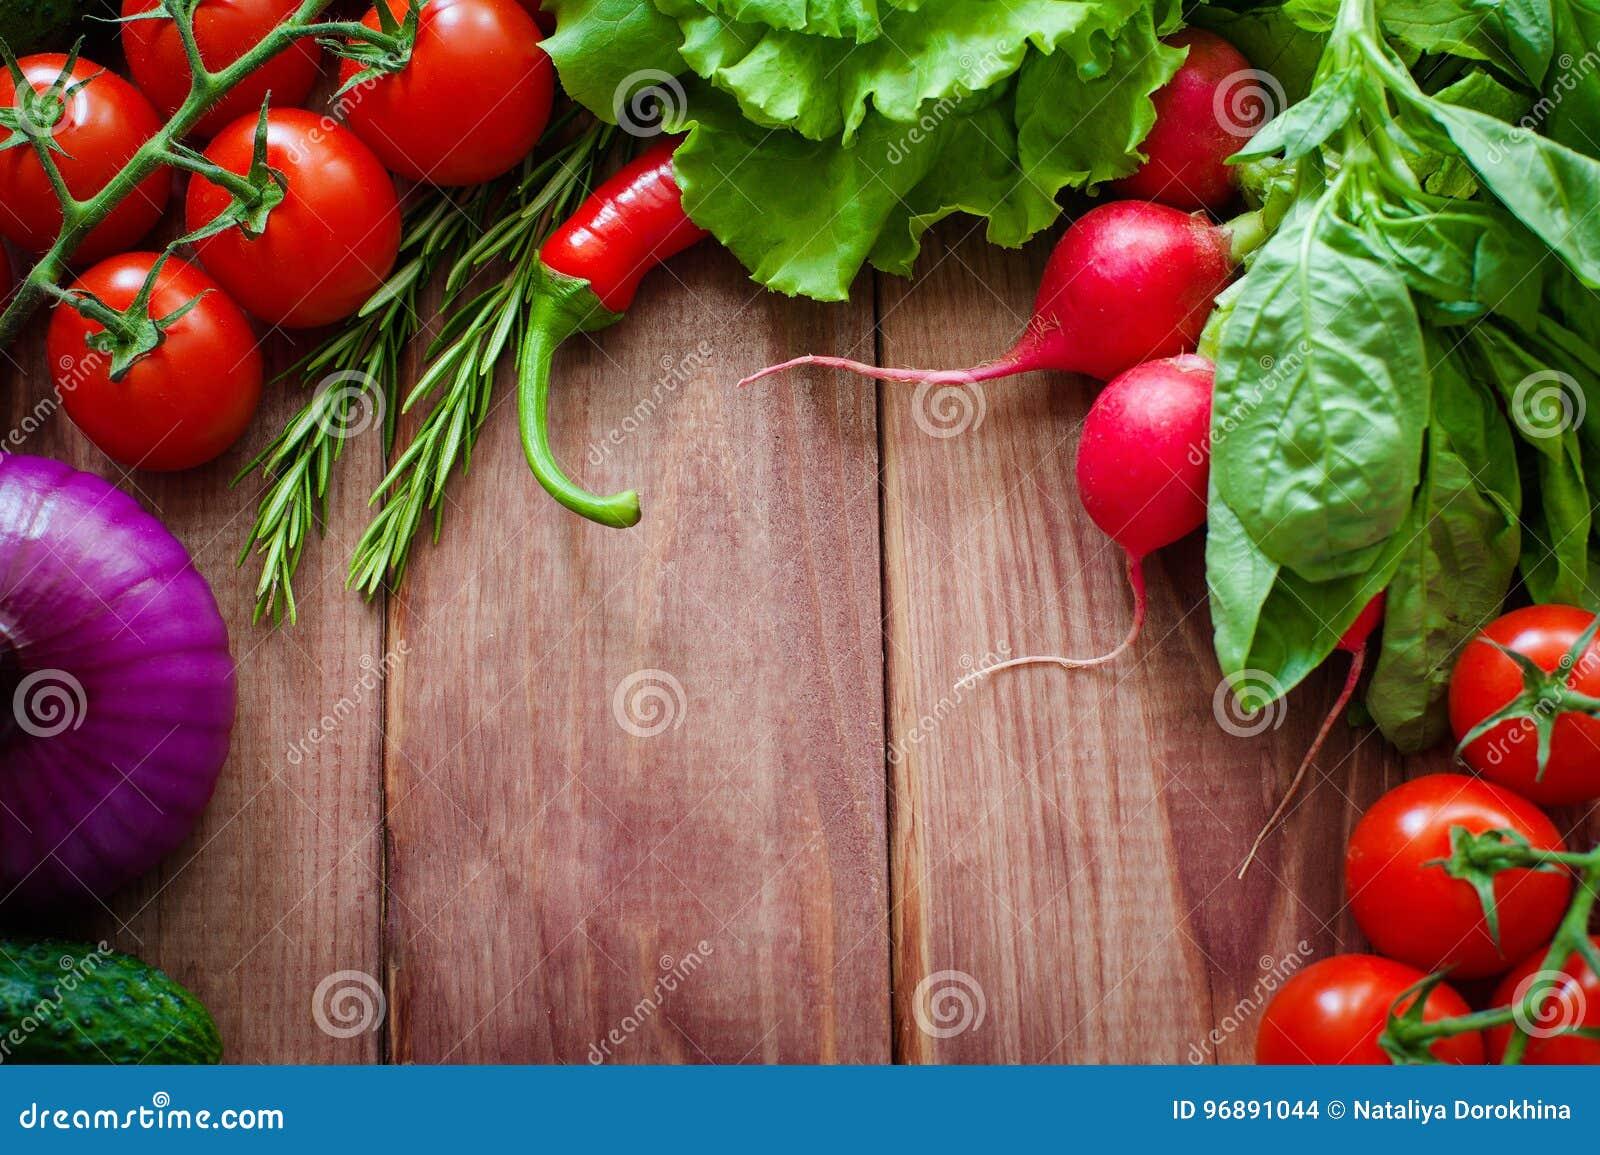 Ingrédients frais pour faire cuire dans l arrangement rustique : Salade, radis, oignon, maïs, tomates, ail, carottes, concombre,